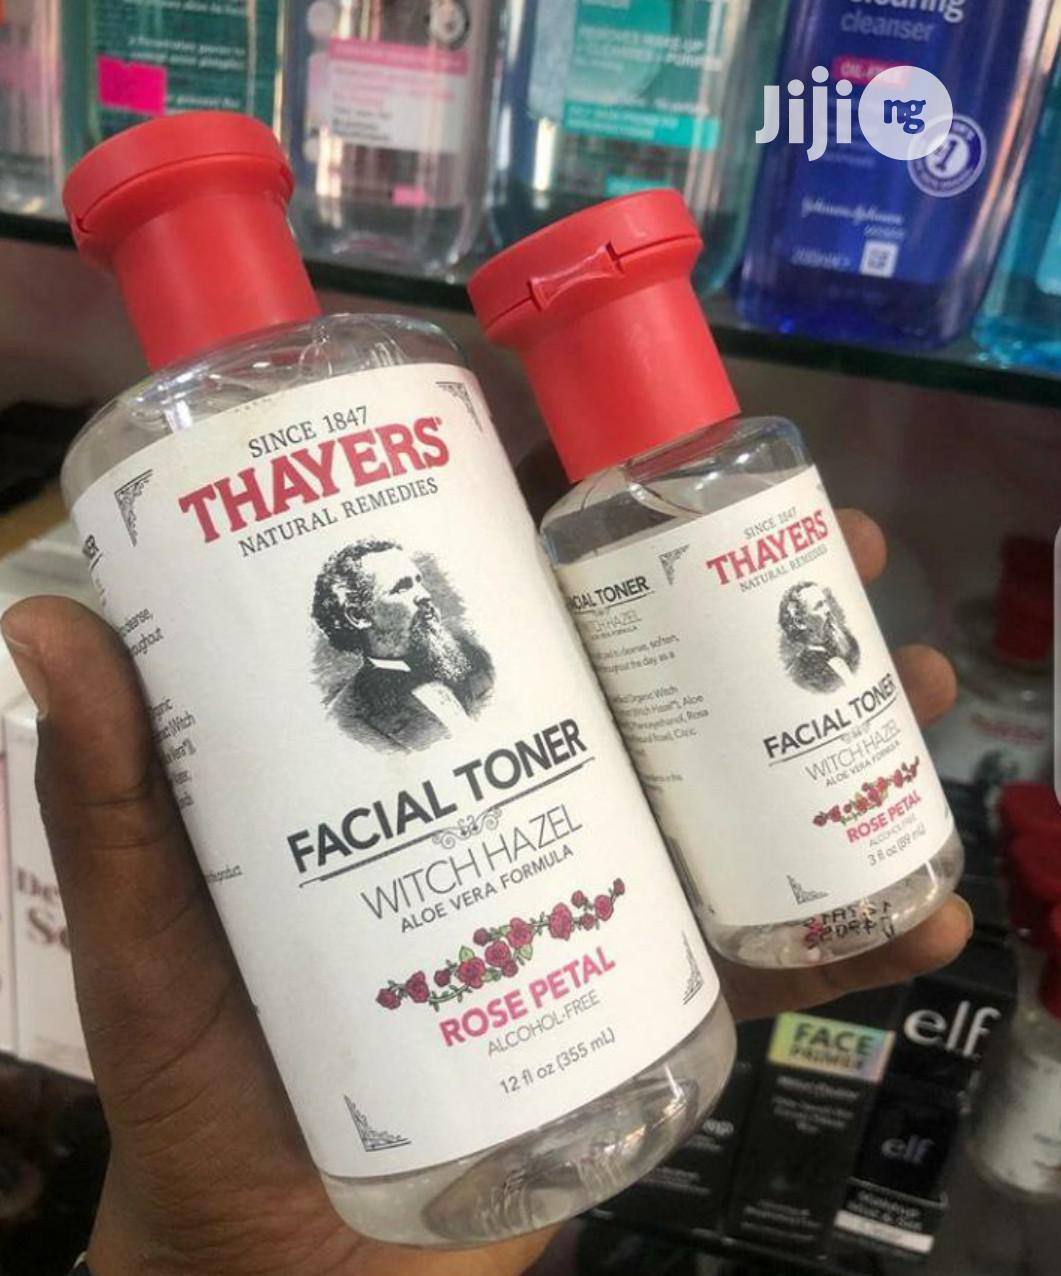 Thayers Natural Remedies Facial Toner